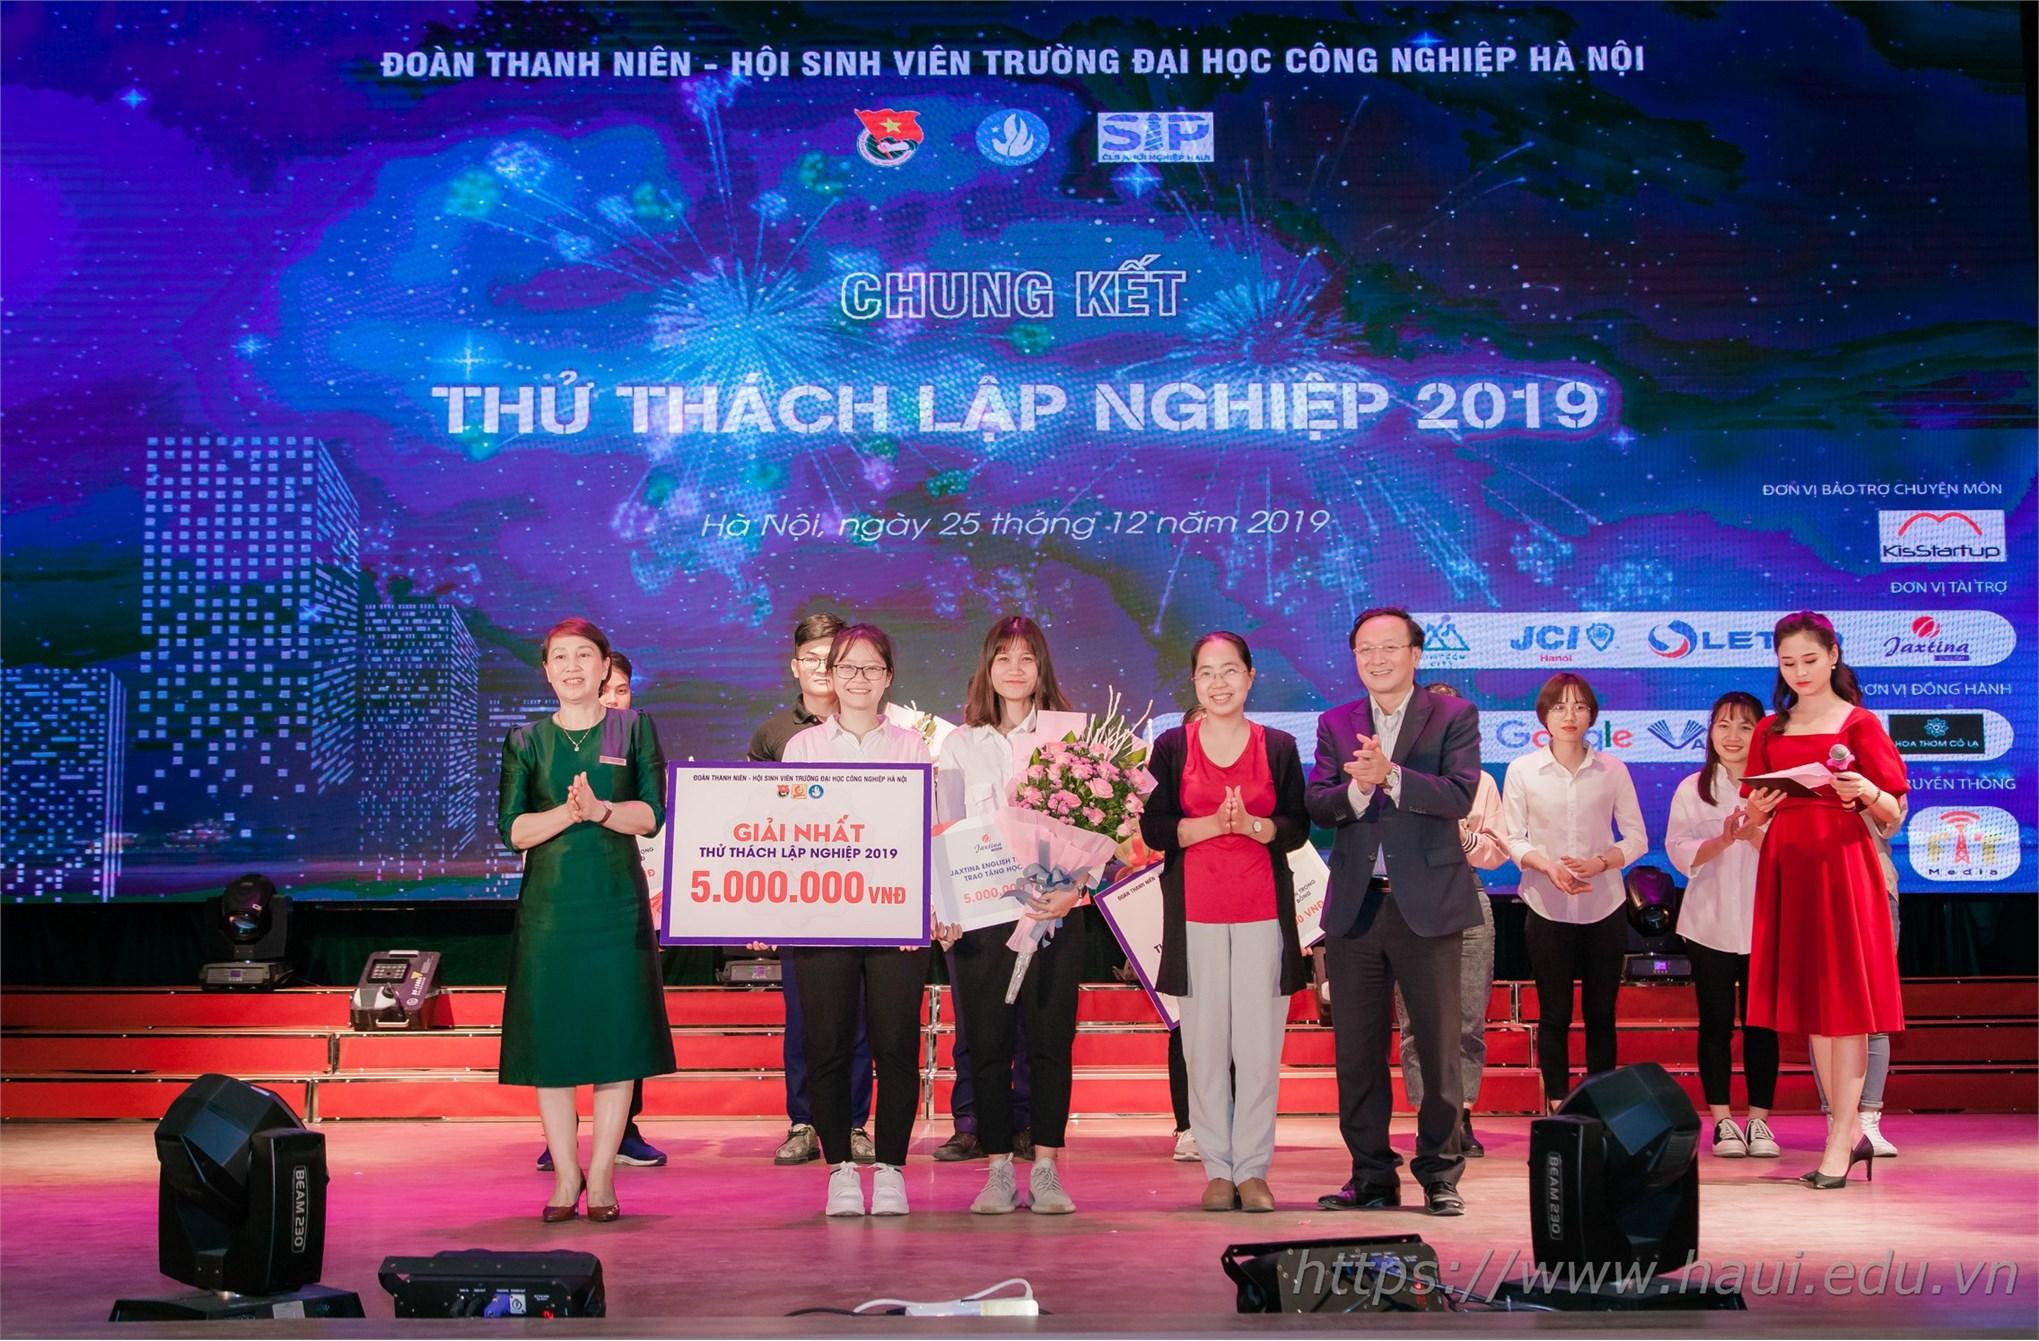 Sinh viên Đại học Công nghiệp Hà Nội tranh tài tại Chung kết cuộc thi Thử thách lập nghiệp năm 2019